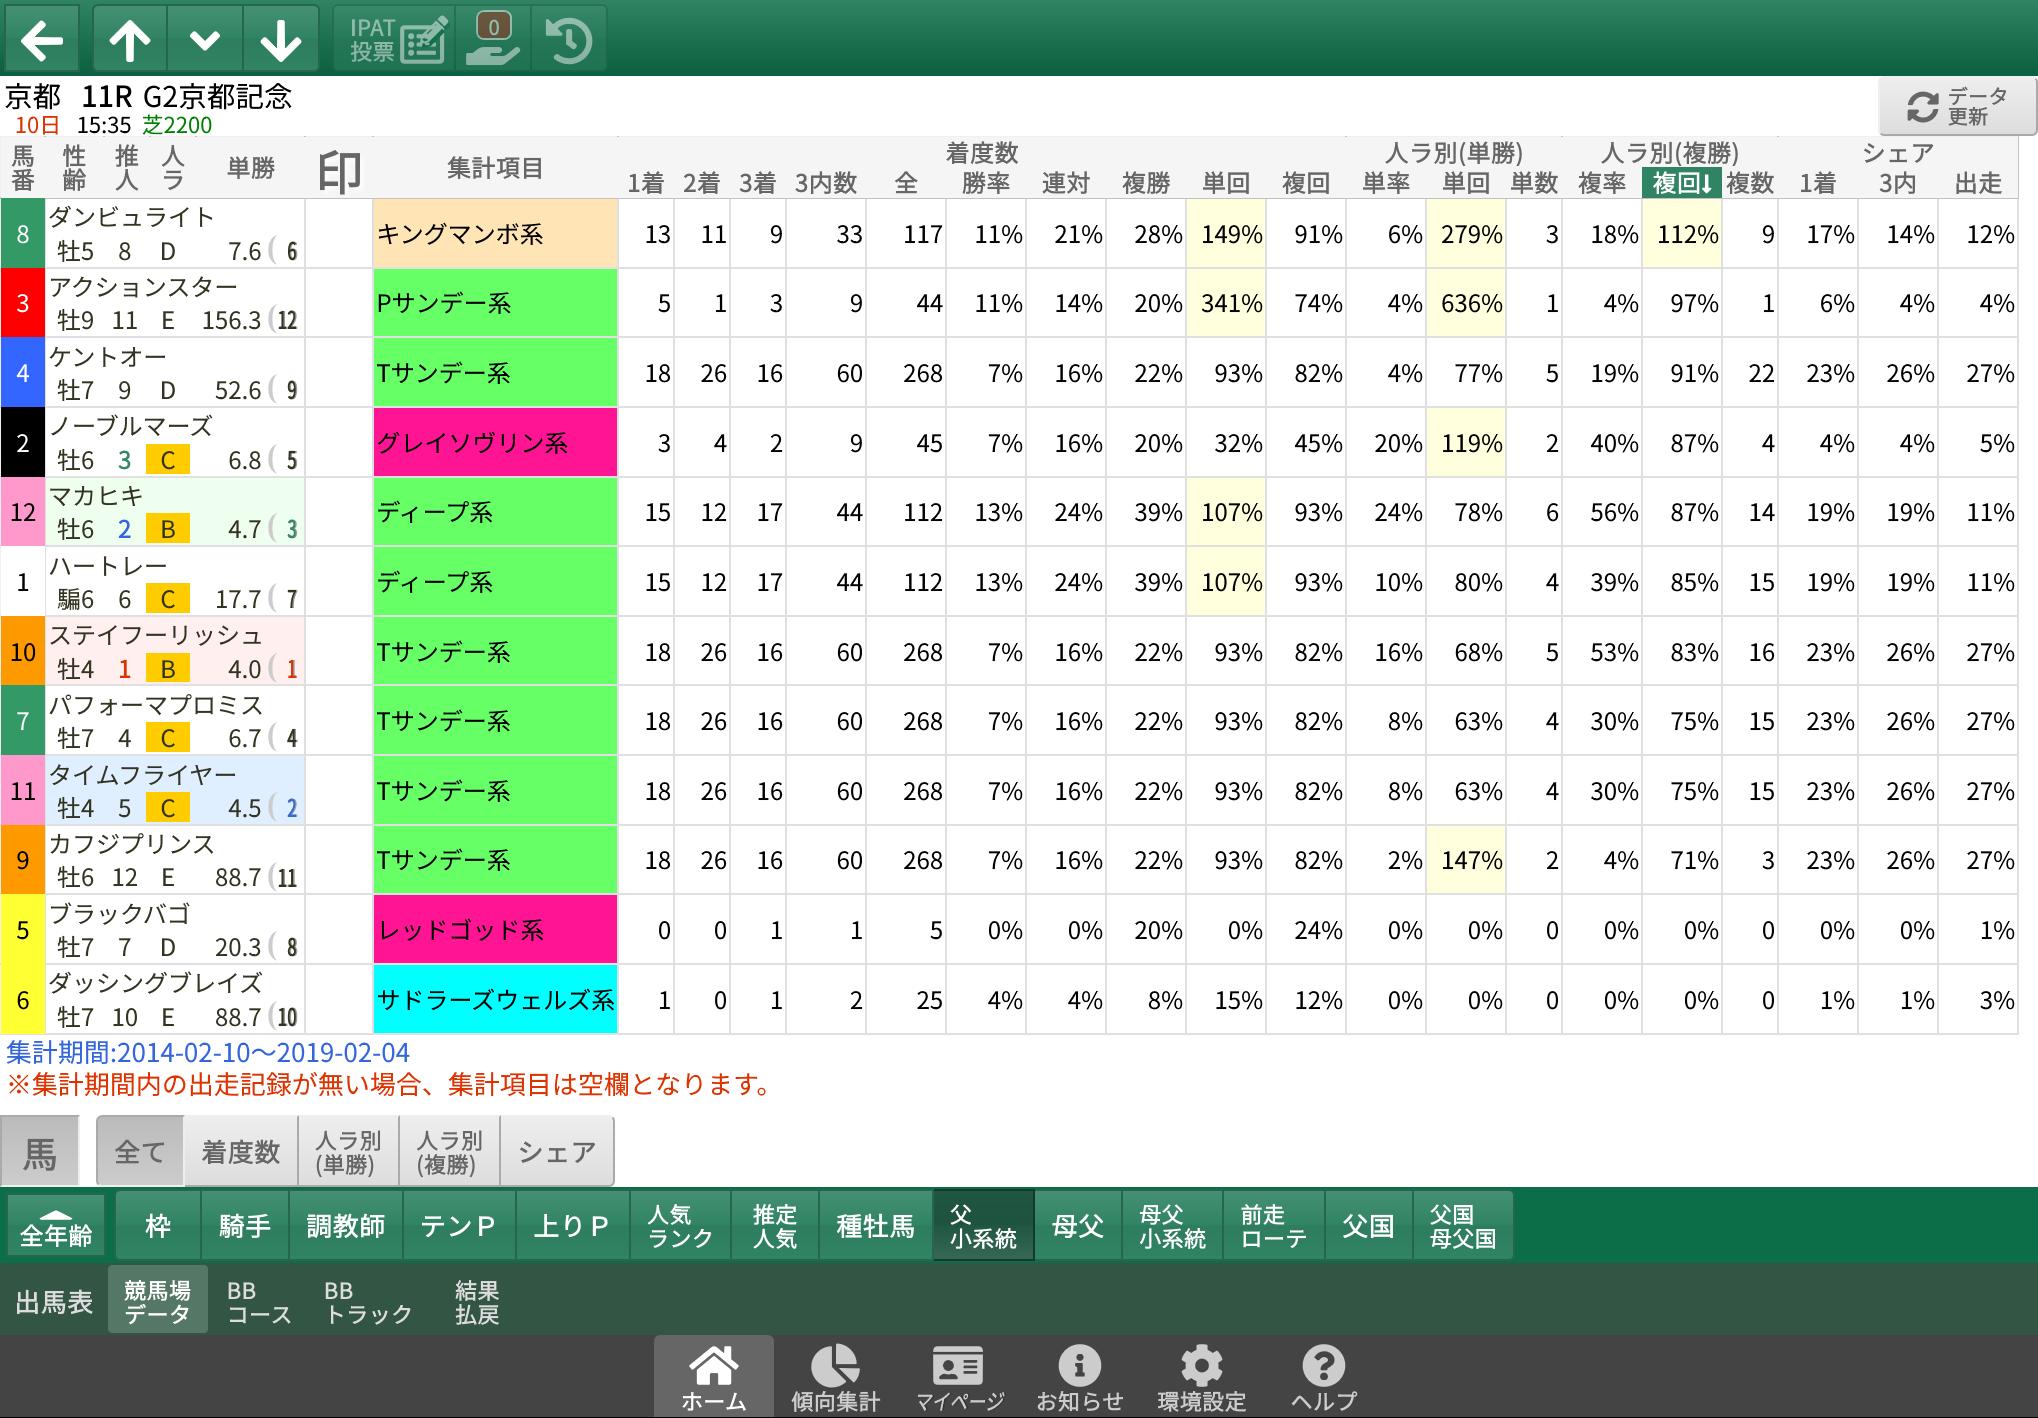 【無料公開】 京都記念/スマート出馬表 - 基本&血統・系統&ローテ・順位&父小系統データ画面